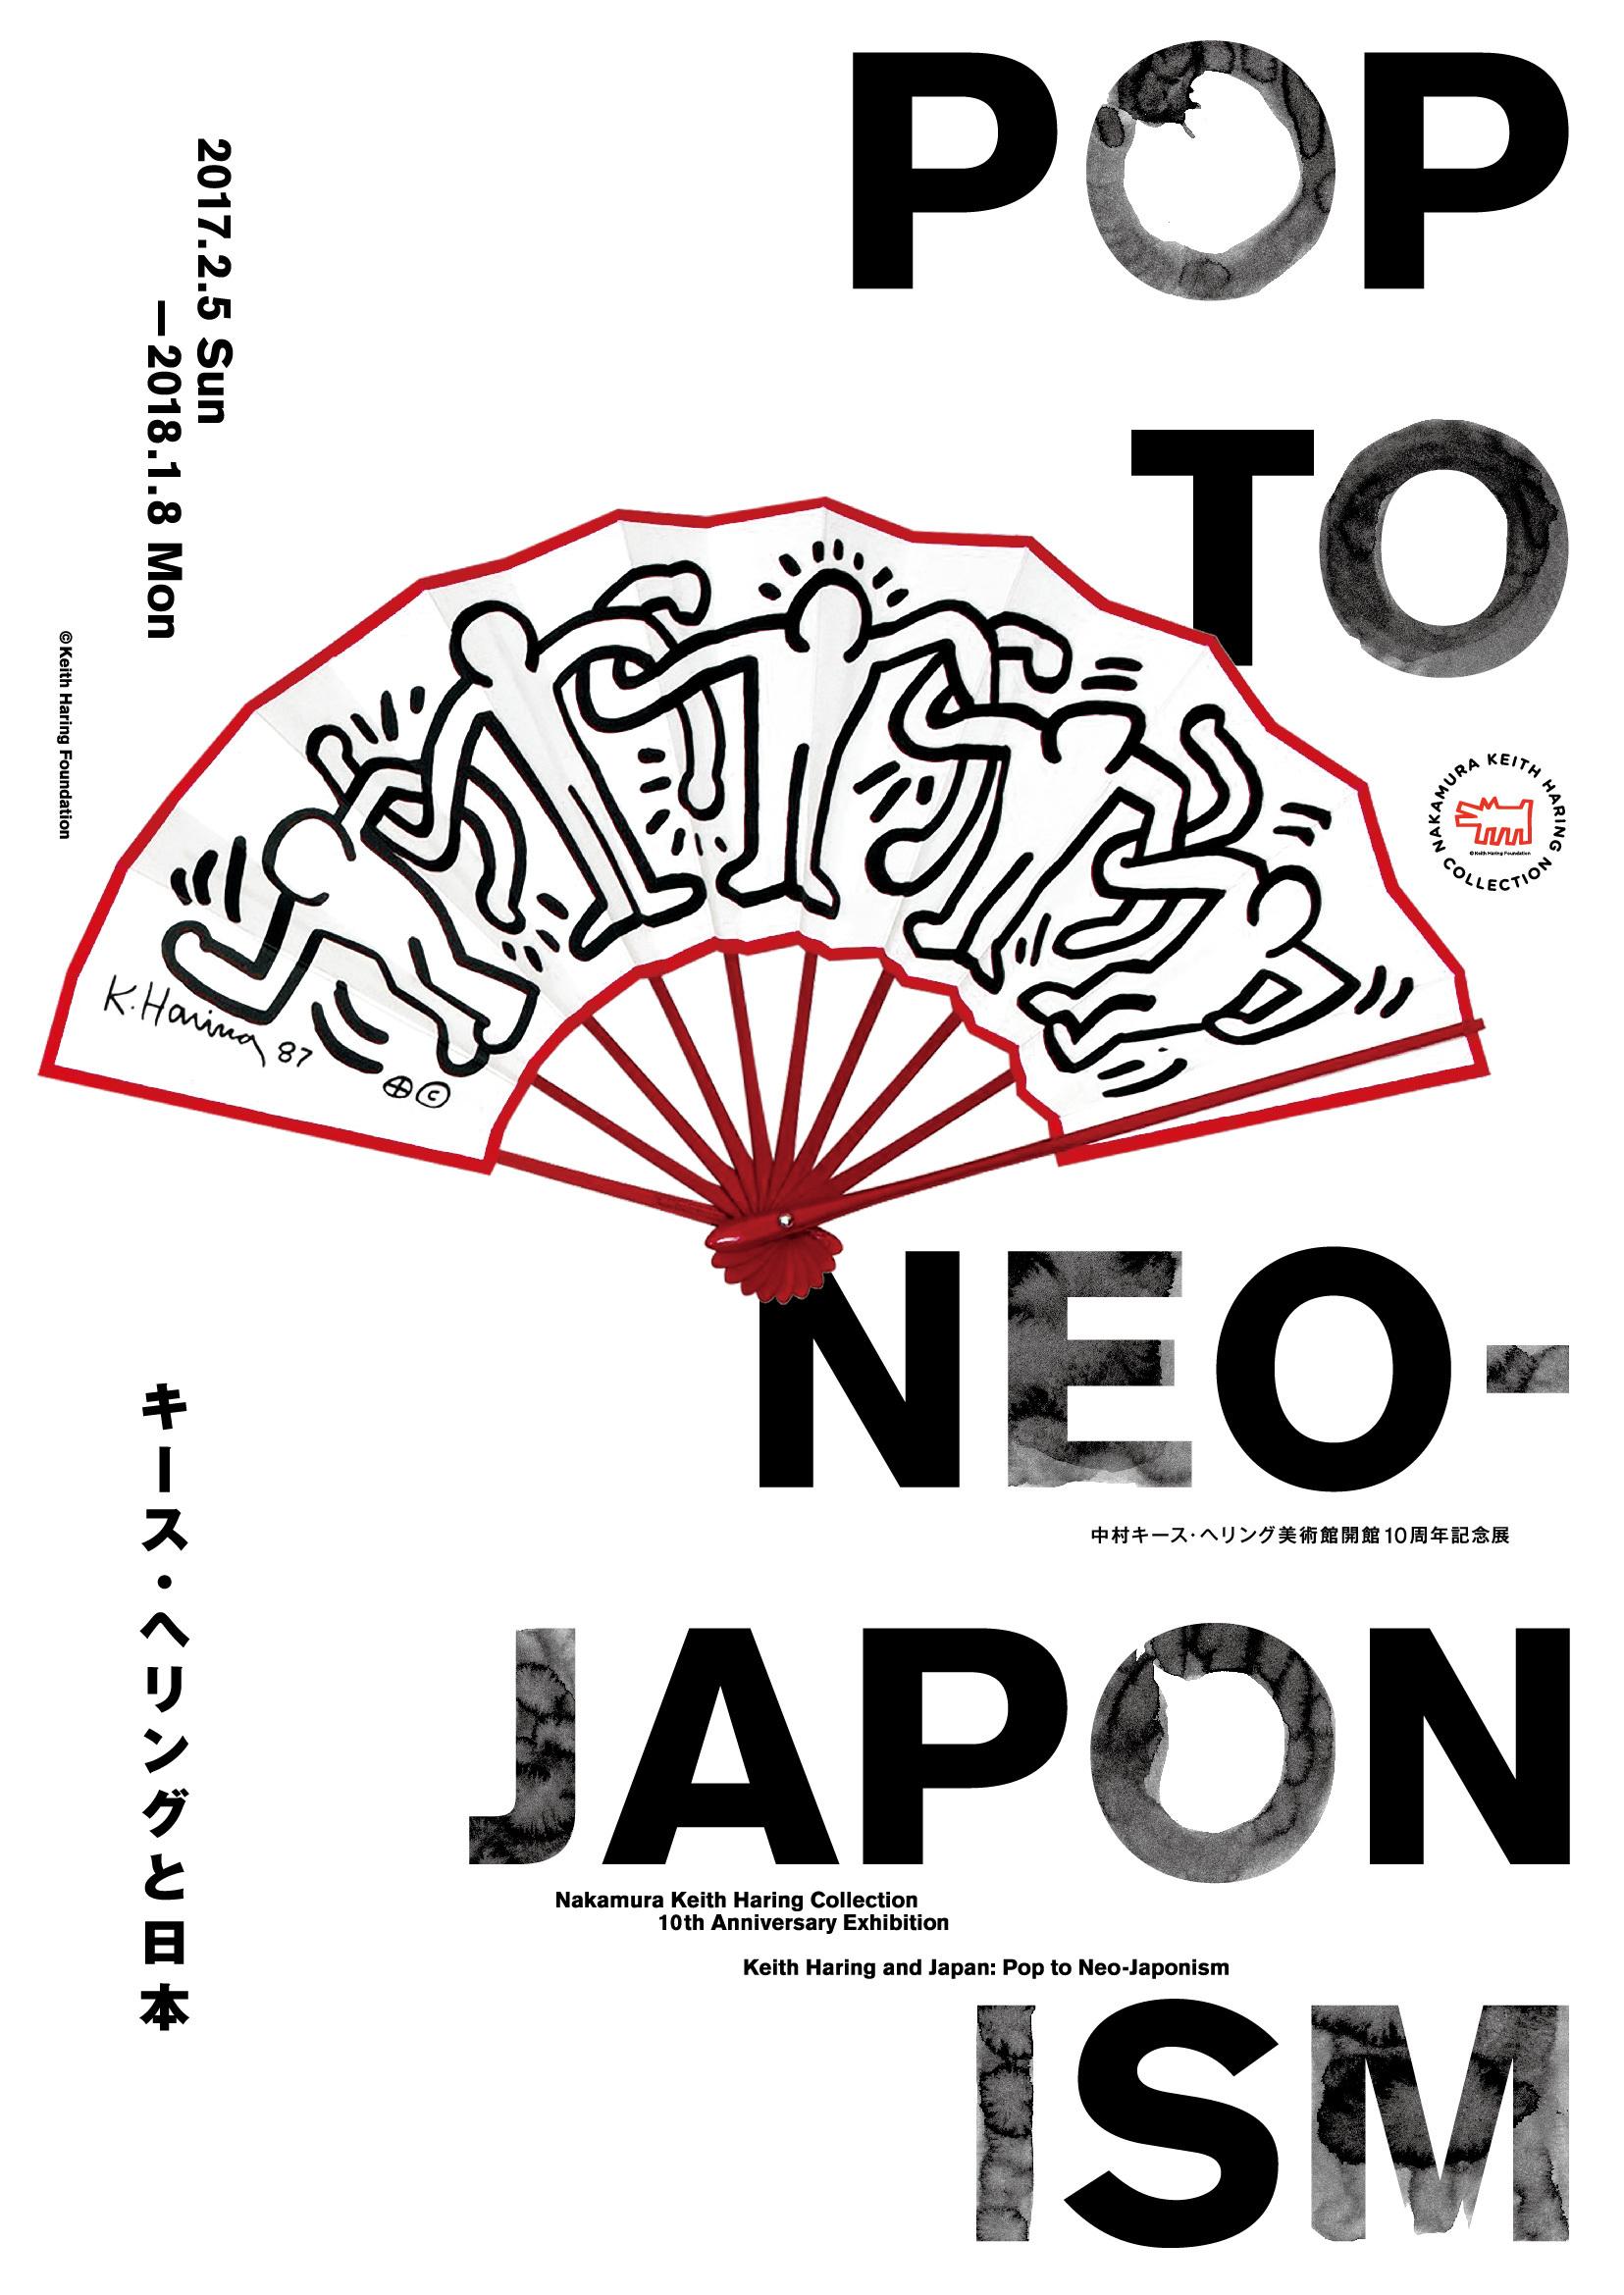 『キース・ヘリングと日本:Pop to Neo-Japonism』